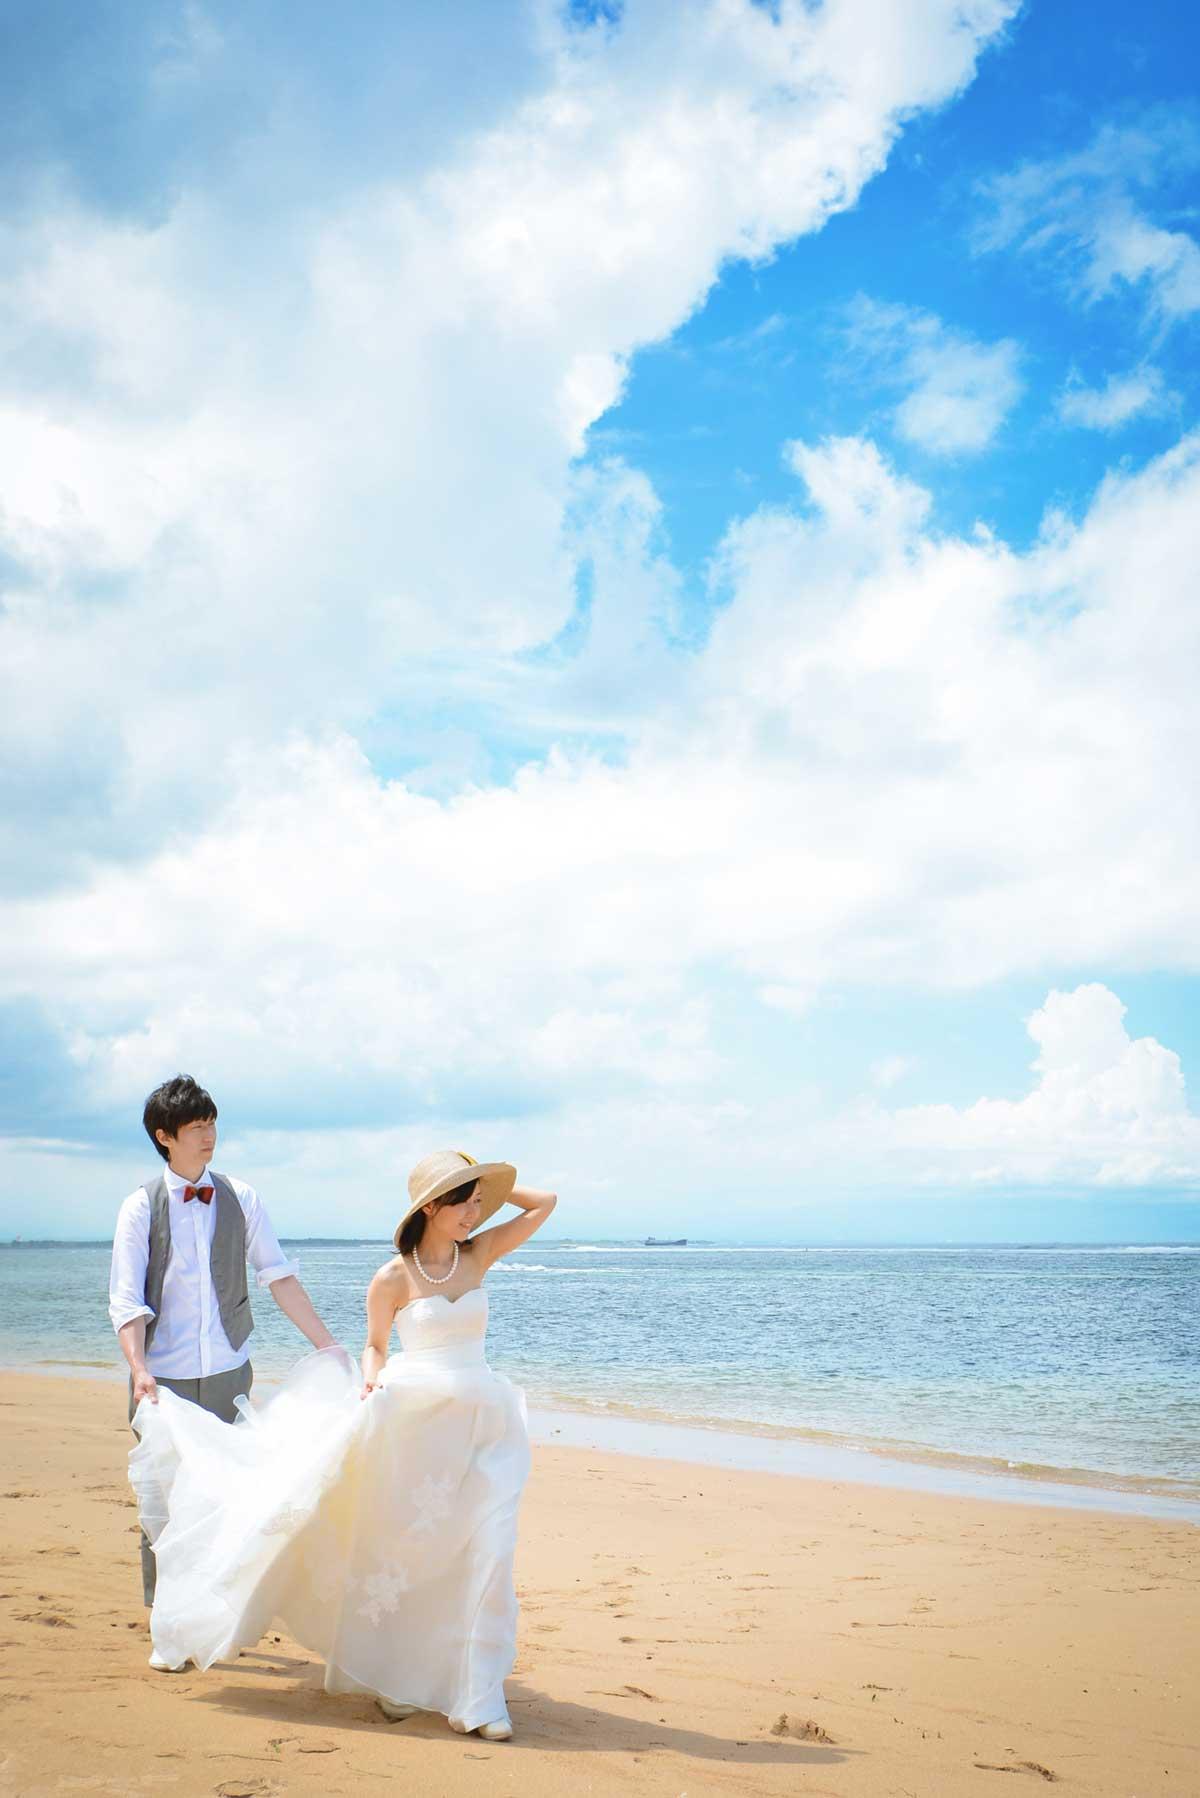 ドレスの裾を持って歩く新郎新婦 - タイチ撮影